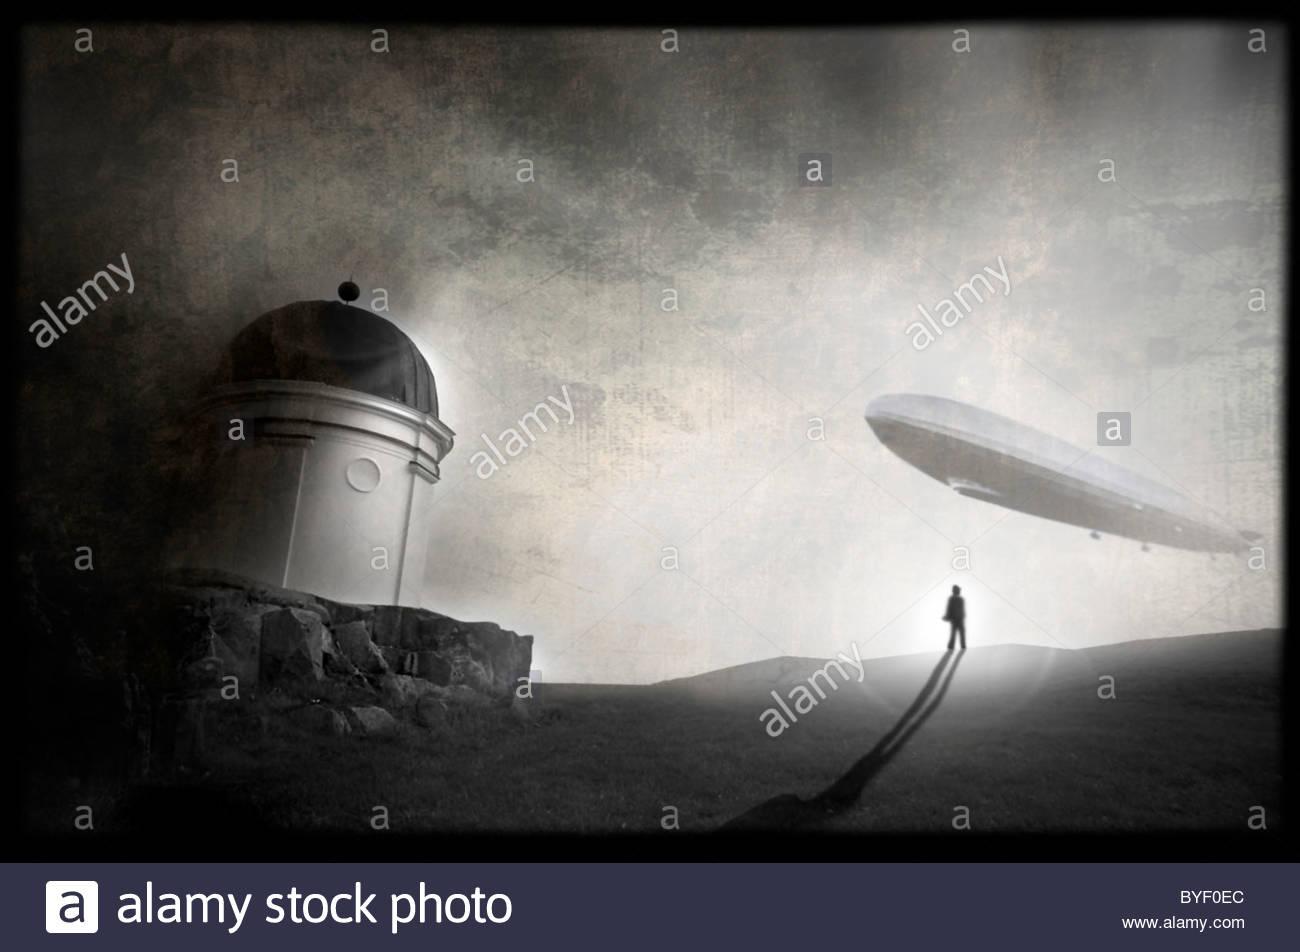 Ein Mann steht in der Nähe einer Klippe blickt auf ein Zeppelin fliegen ihm gegenüber Stockbild